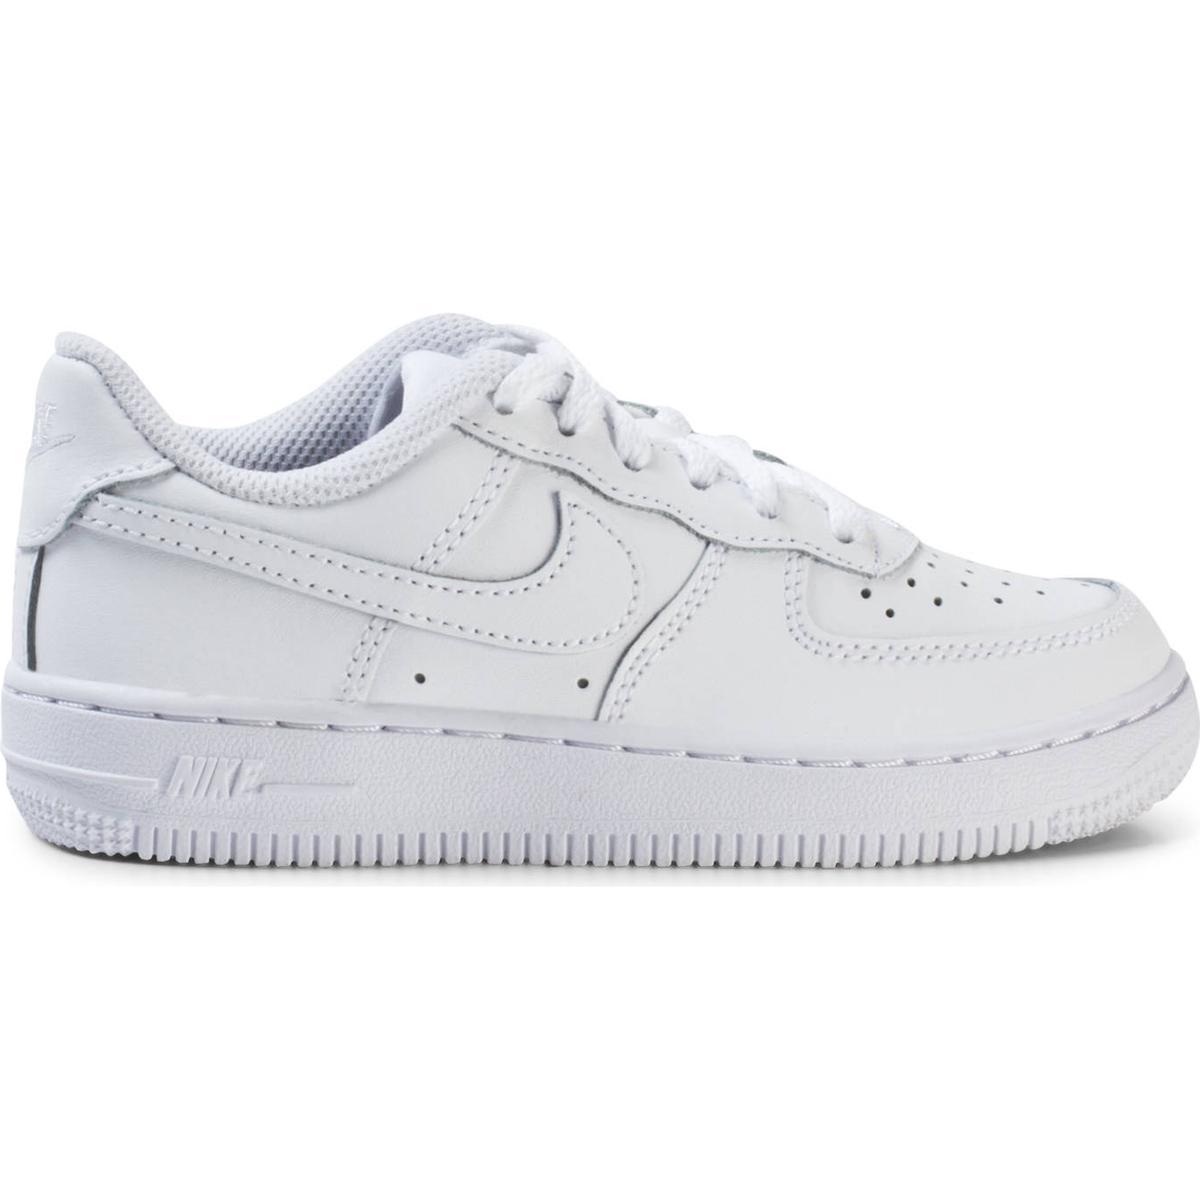 884da473c21 Nike Børnesko - Sammenlign priser hos PriceRunner